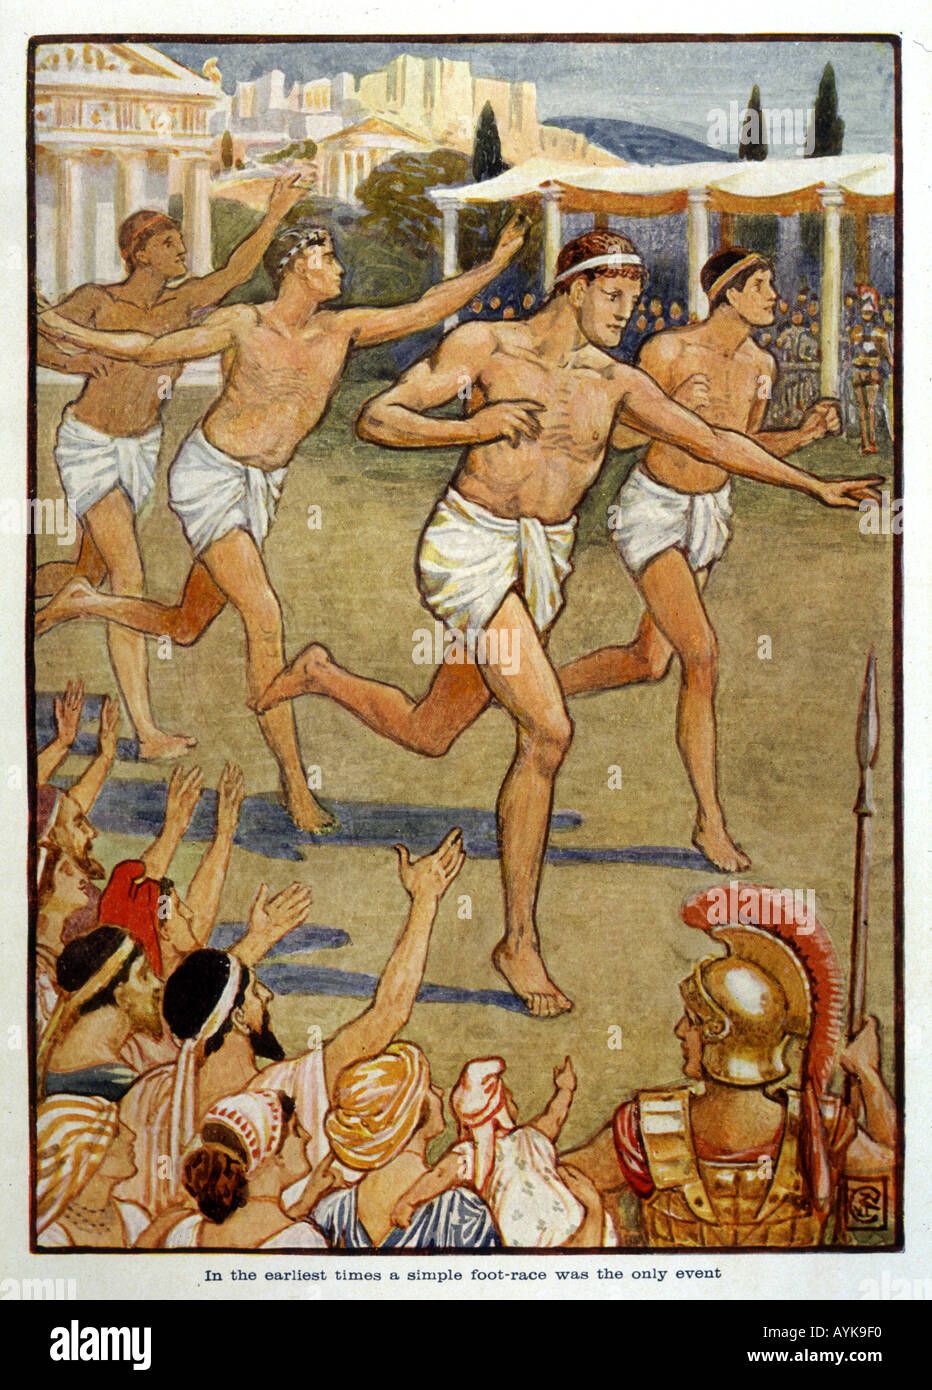 Los Antiguos Juegos Olimpicos Foto Imagen De Stock 3176943 Alamy